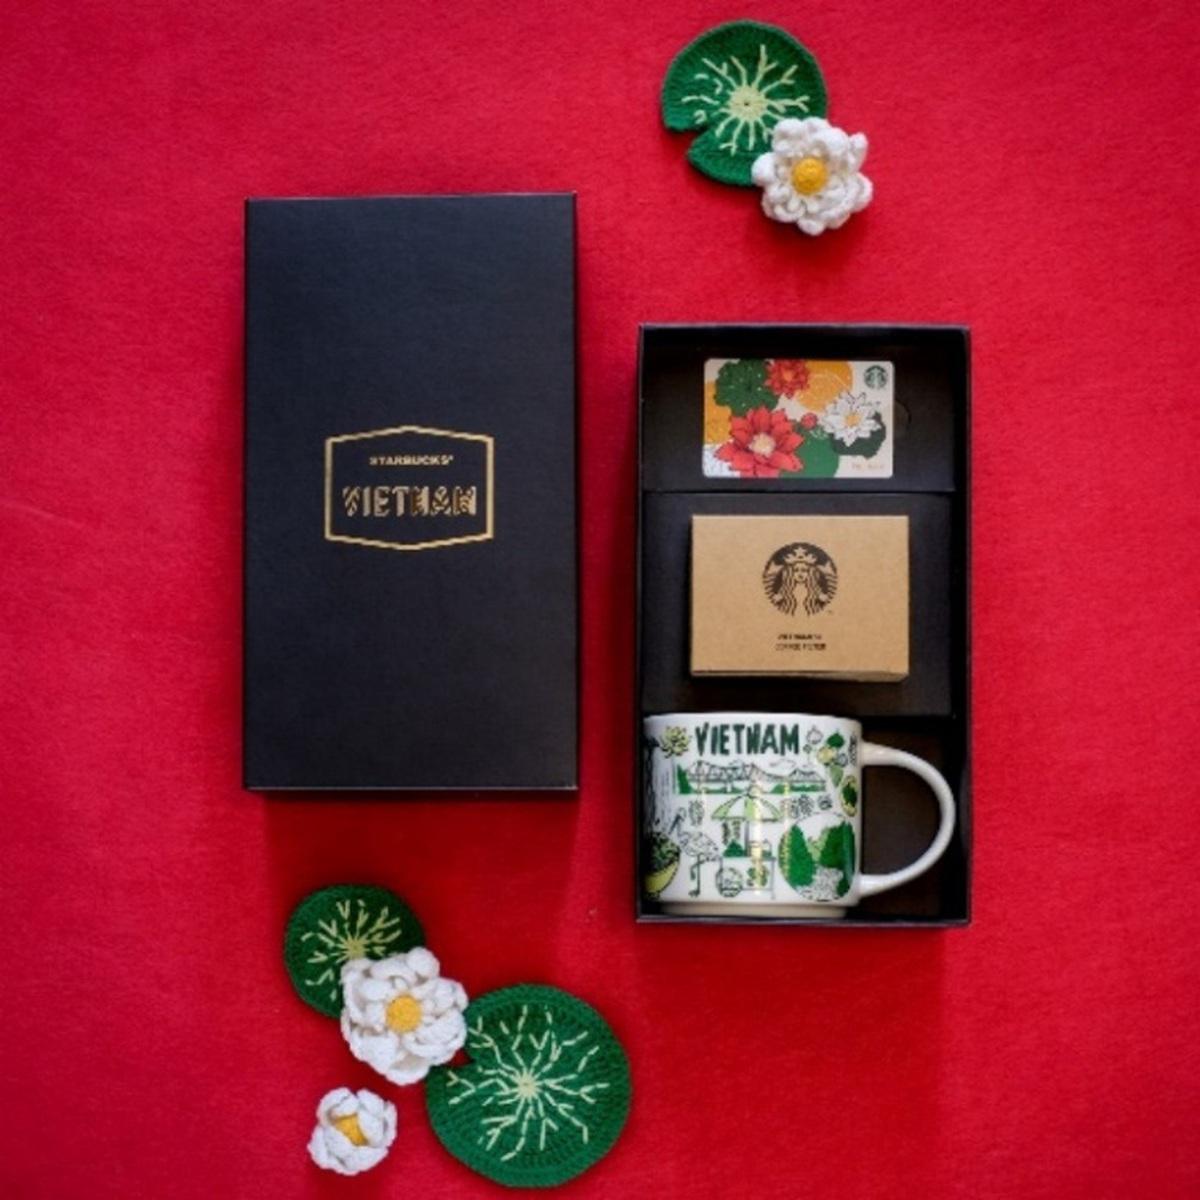 Starbucks giới thiệu các thiết kế mang cảm hứng Việt